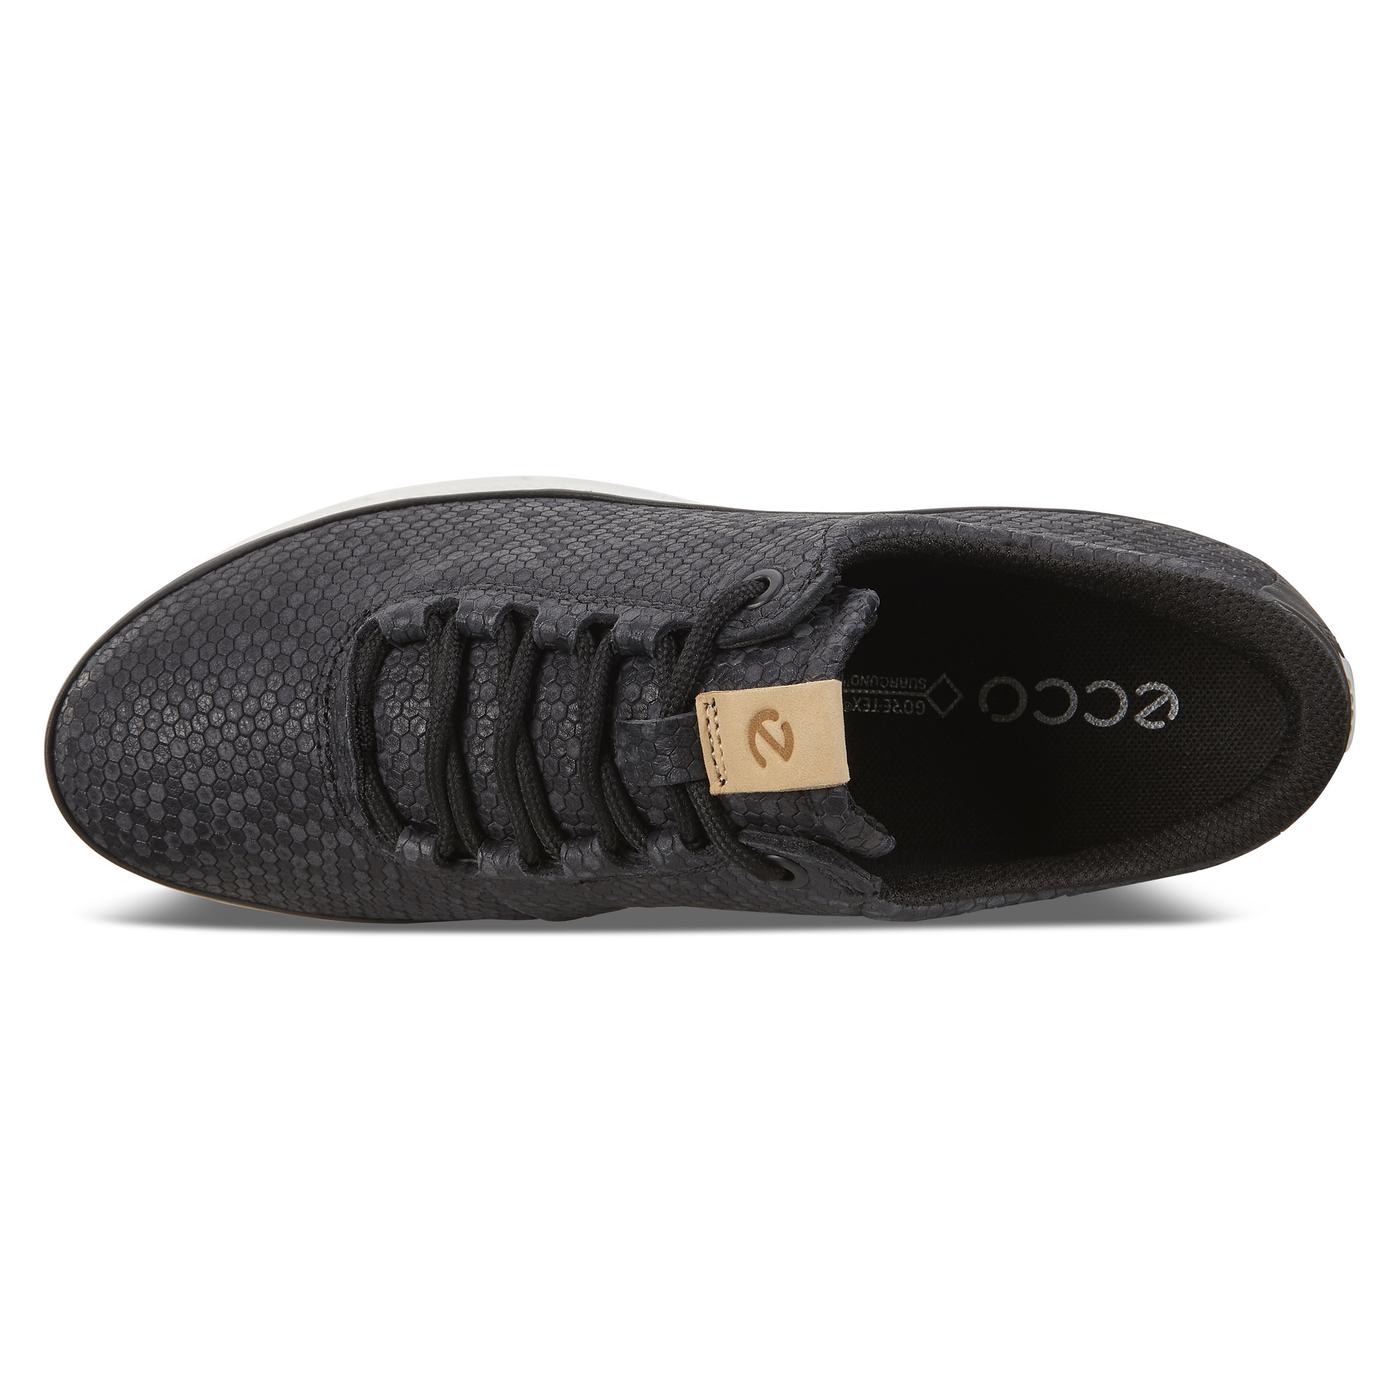 ECCO COOL Womens Shoe